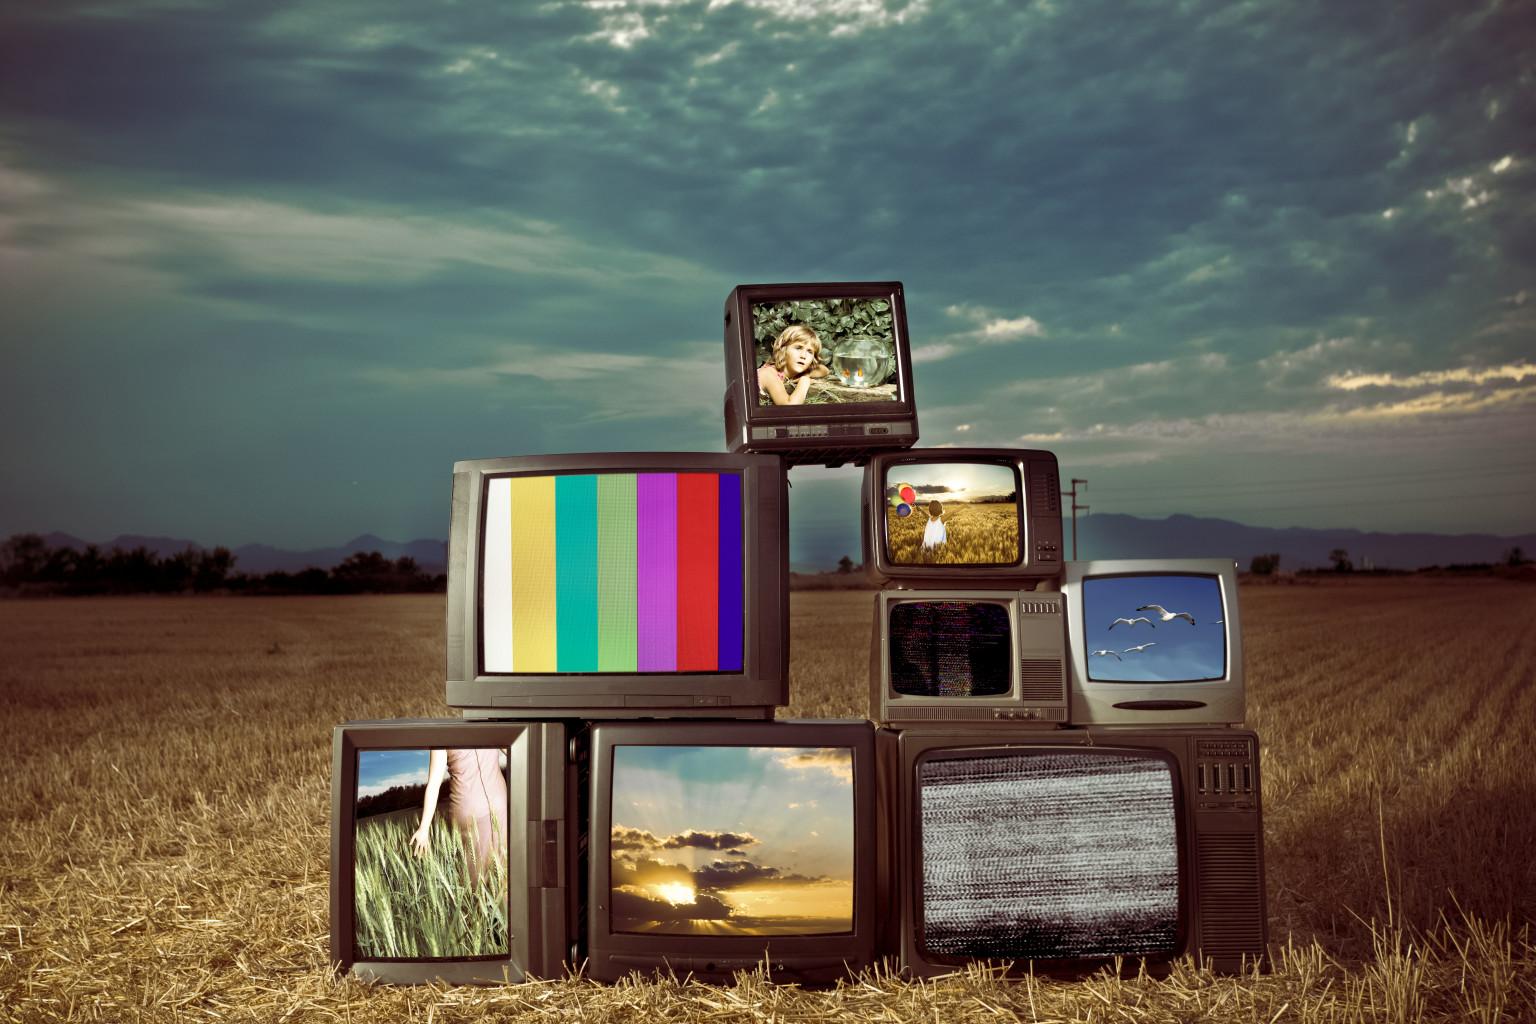 价格依然很重要 低价高配电视机推荐